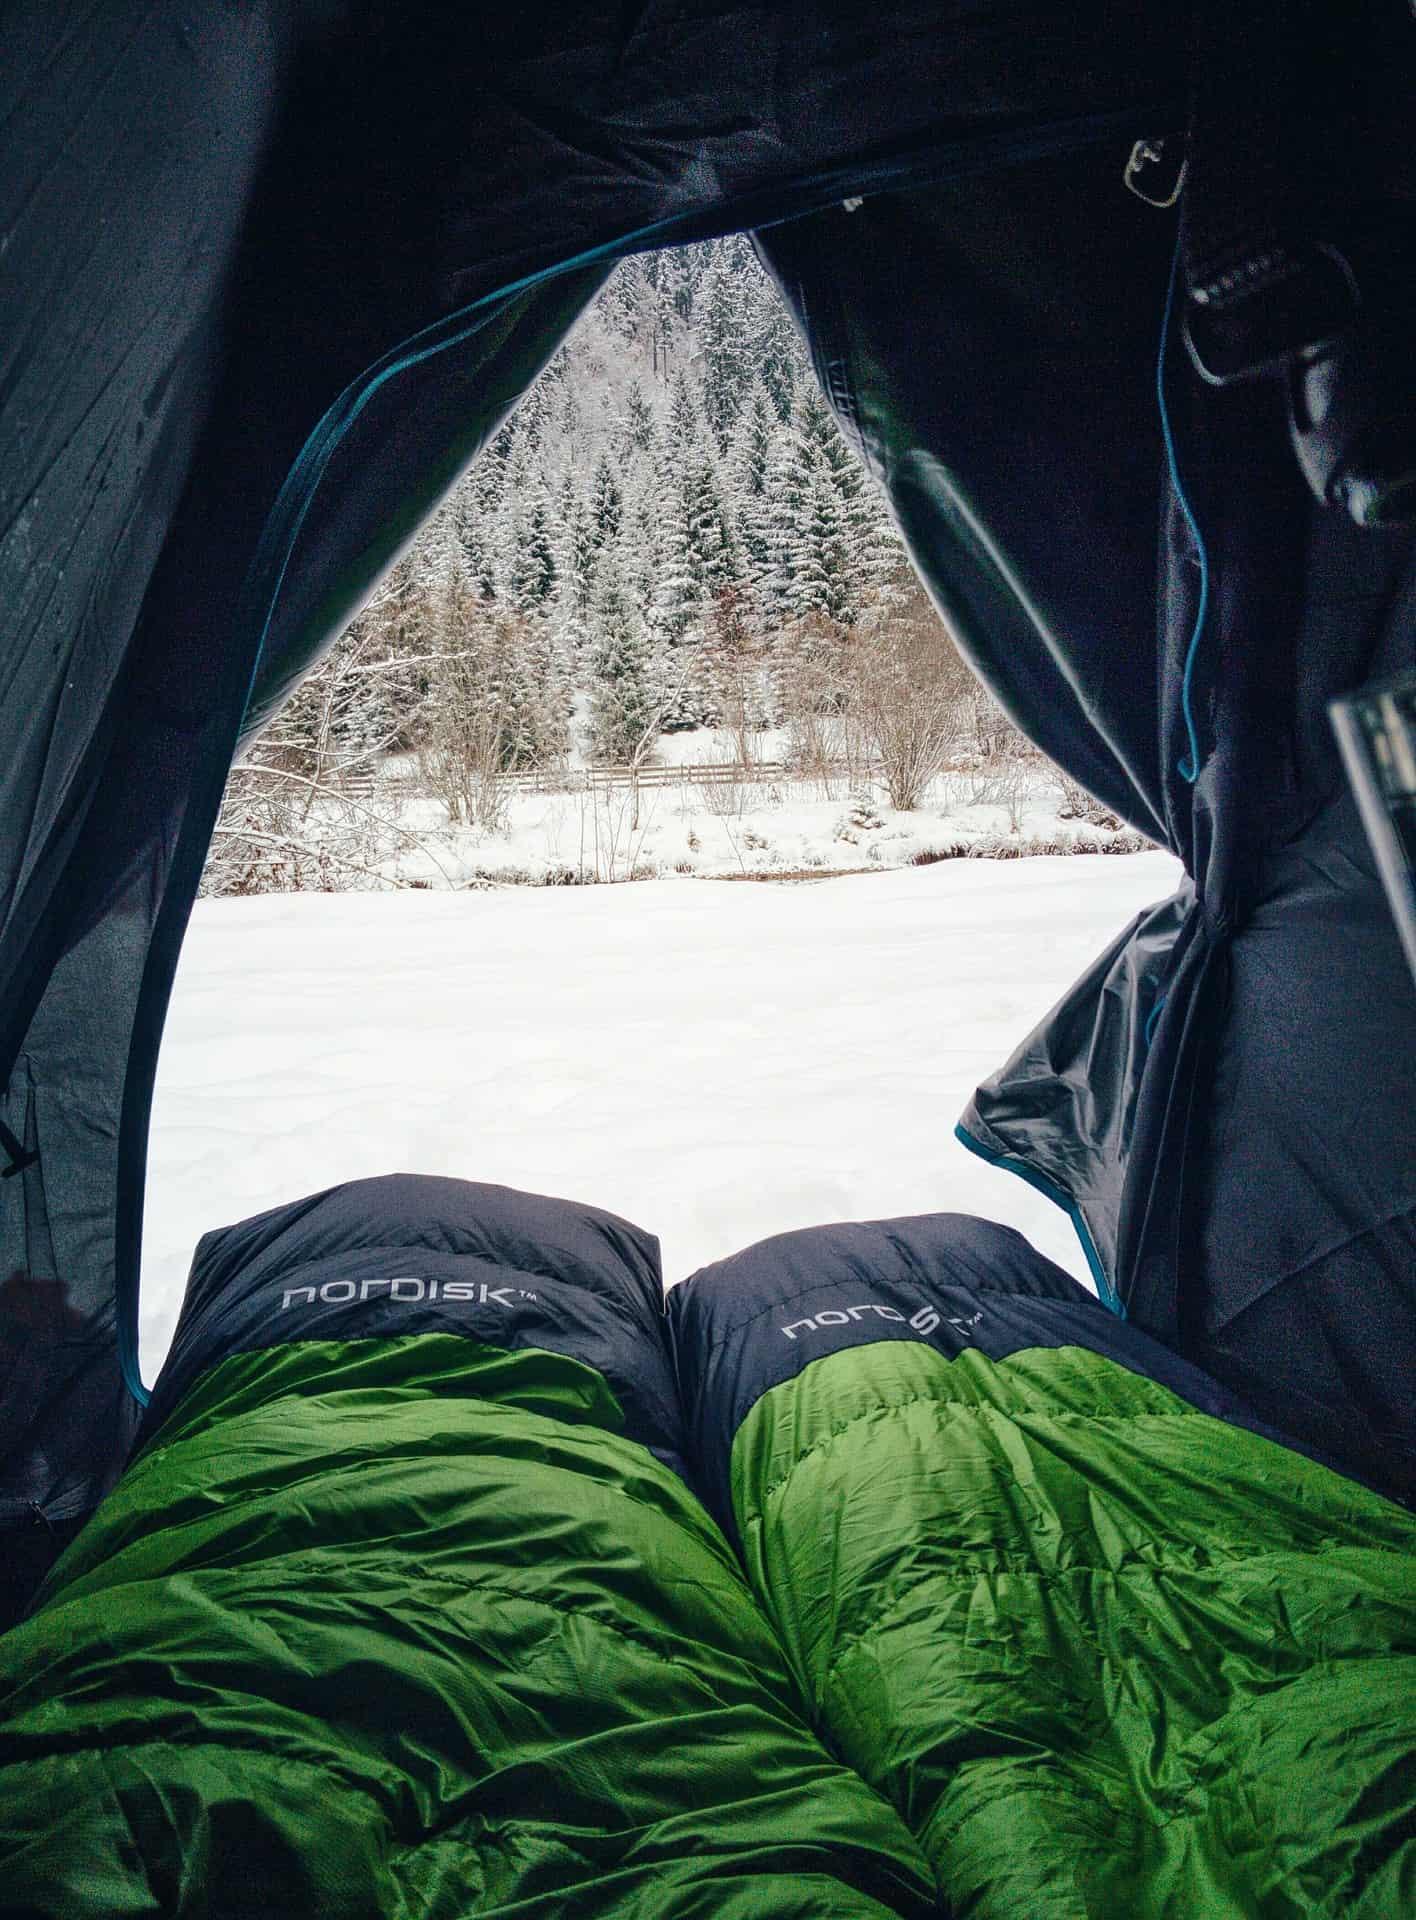 Sac de couchage dans une tente